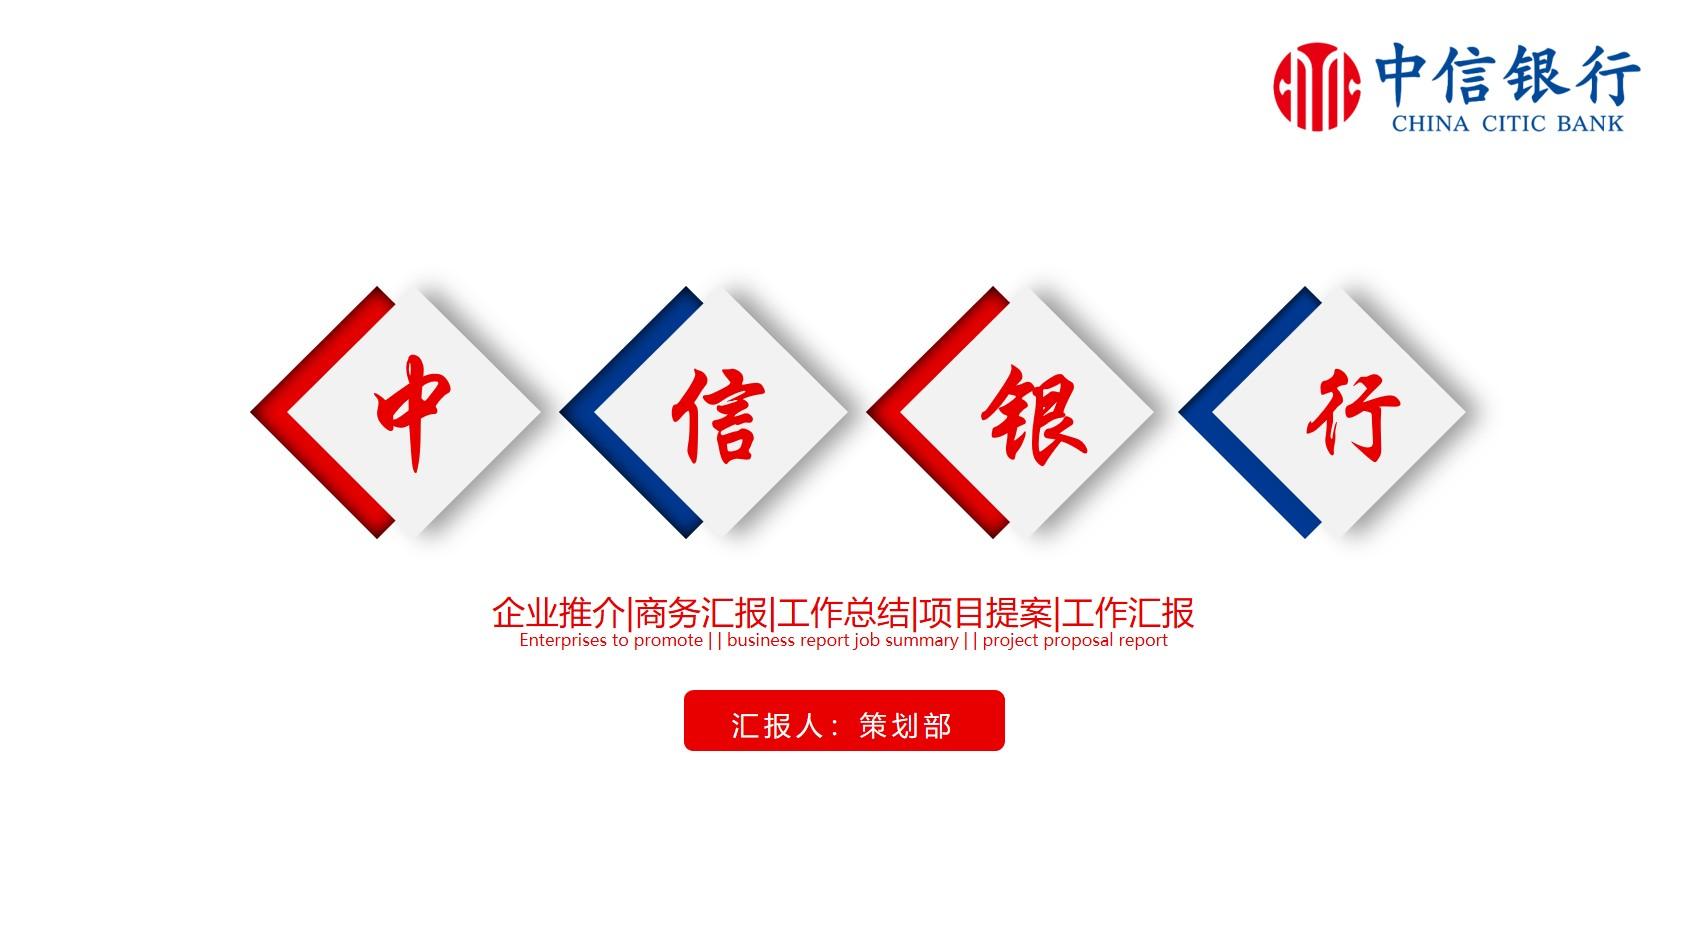 蓝红配色的中信银行工作总结汇报PPT模板